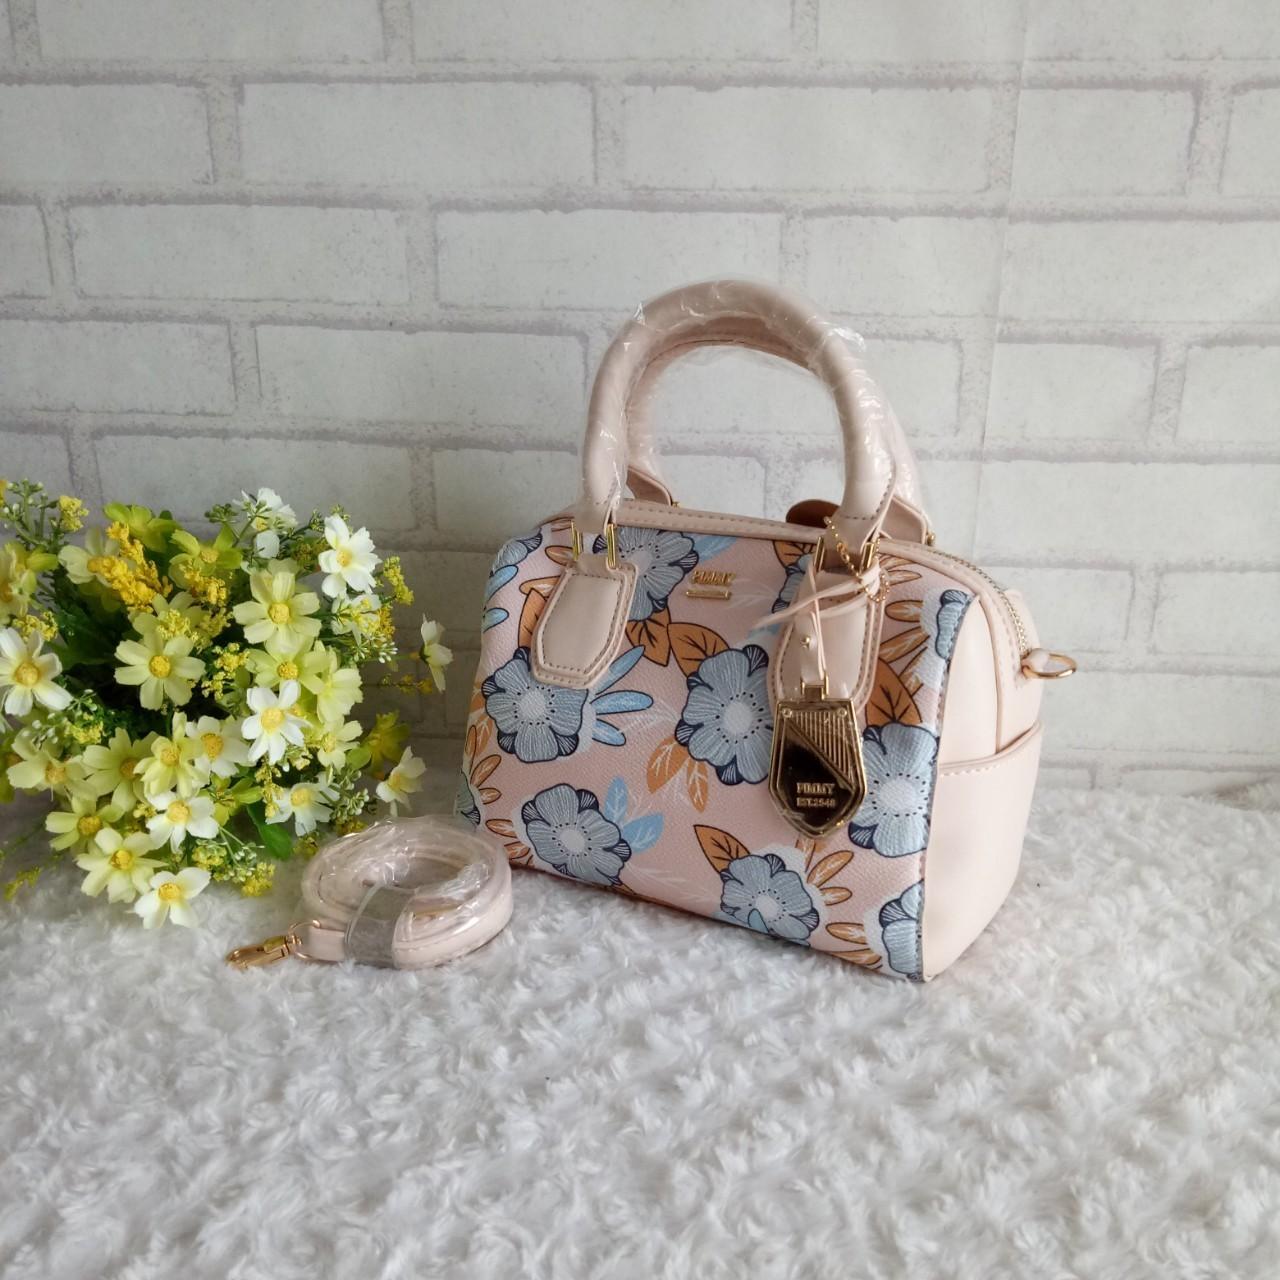 กระเป๋าพิมมี่ทรงหมอนลายดอกสวยๆจ้า ขนาด 9 นิ้ว ด้านใน1 ช่องกว้างๆ มีช่องใส่ของเล็ก 2 ข้างกระเป๋า สายสะพายยาวปรับได้ พร้อมตัวห้อยแบรนด์สีทอง